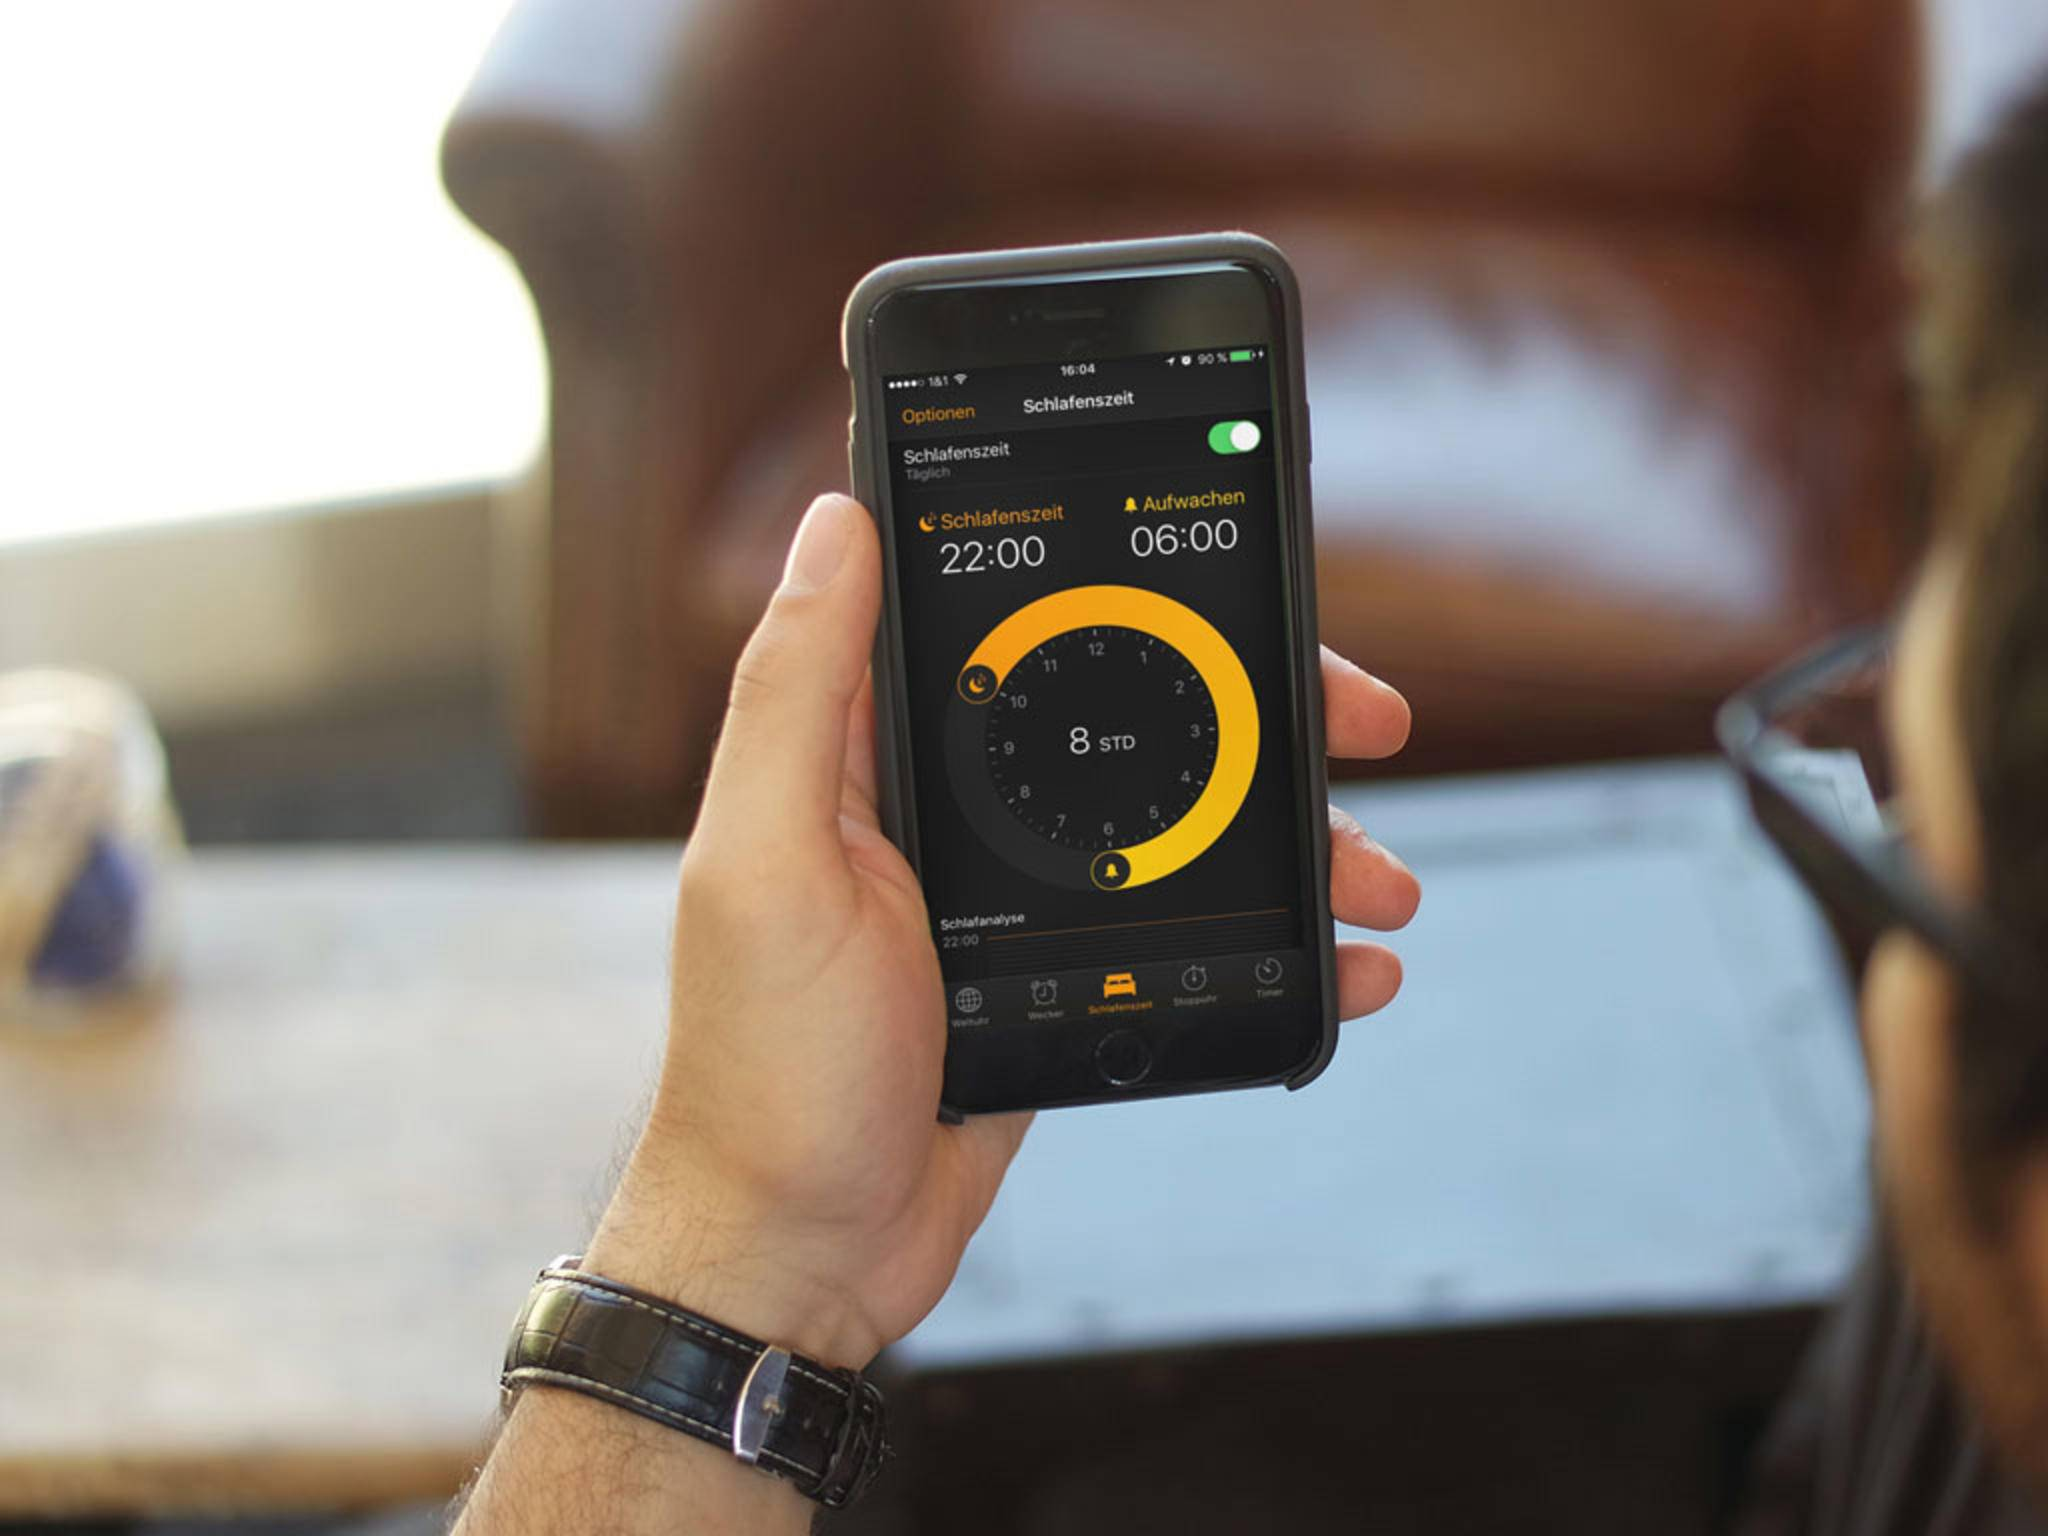 Schlafenszeit ist ein neues Feature von iOS 10.